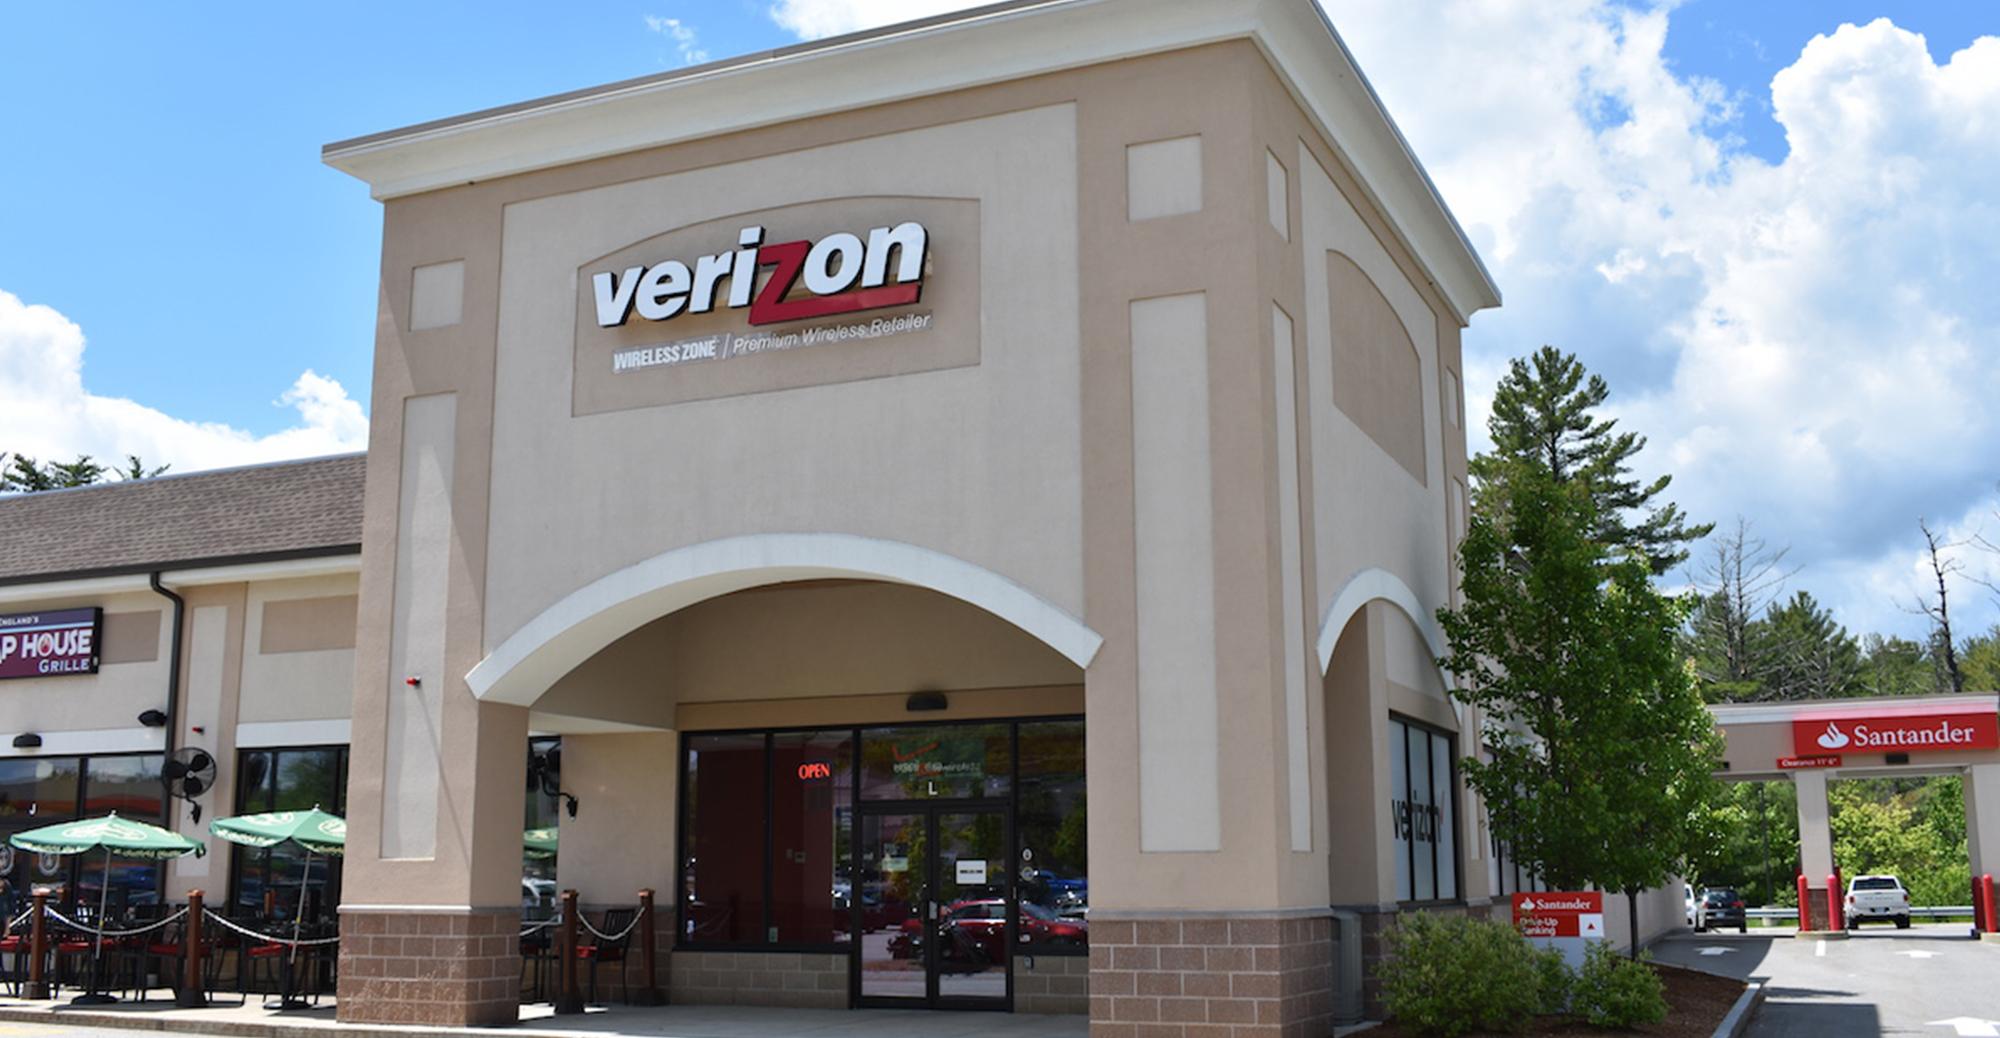 Verizon, Hooksett Landing, Hooksett, NH